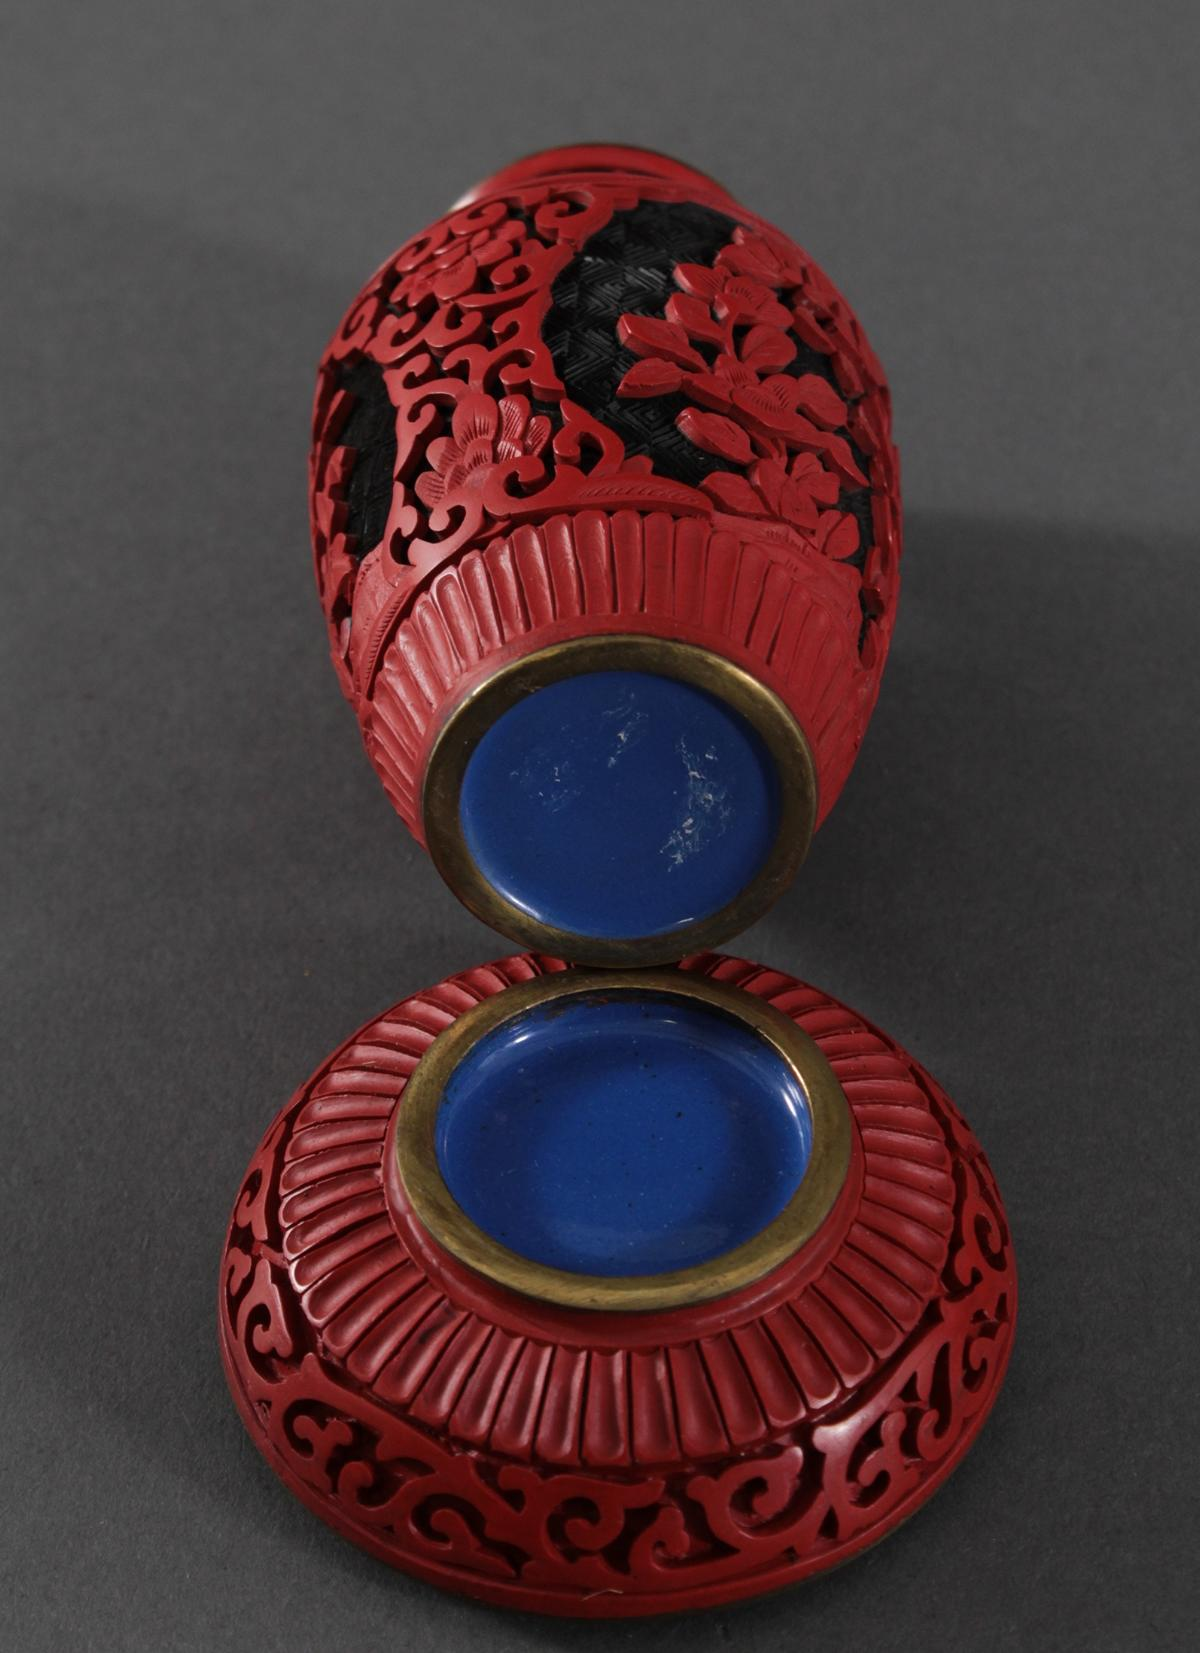 Schichtlack-Deckeldose und Vase, China, Mitte 20. Jahrhundert-3